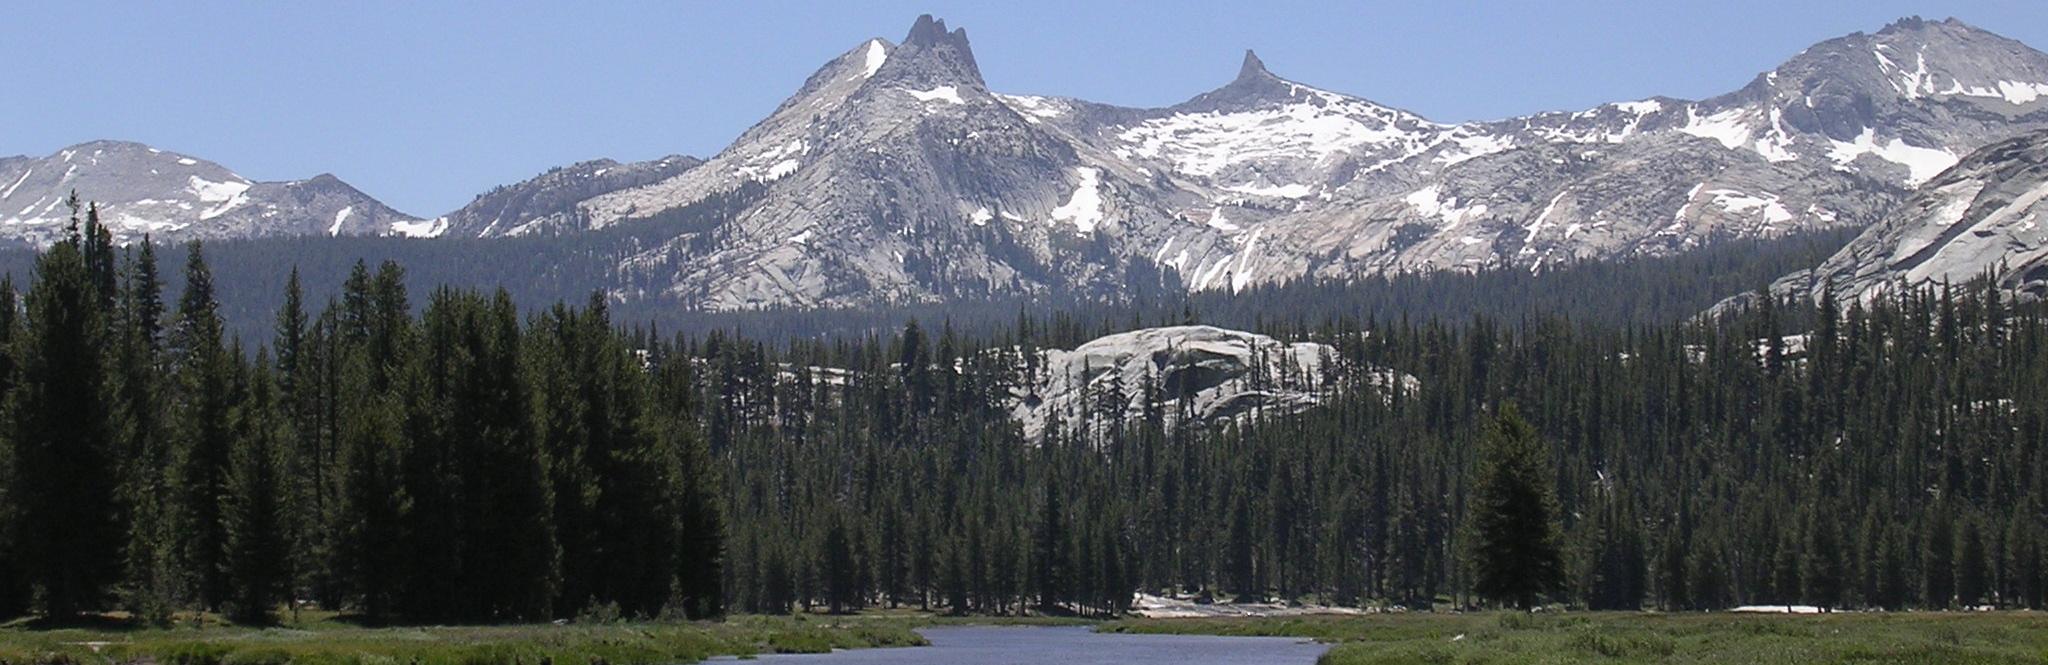 mountaincrop